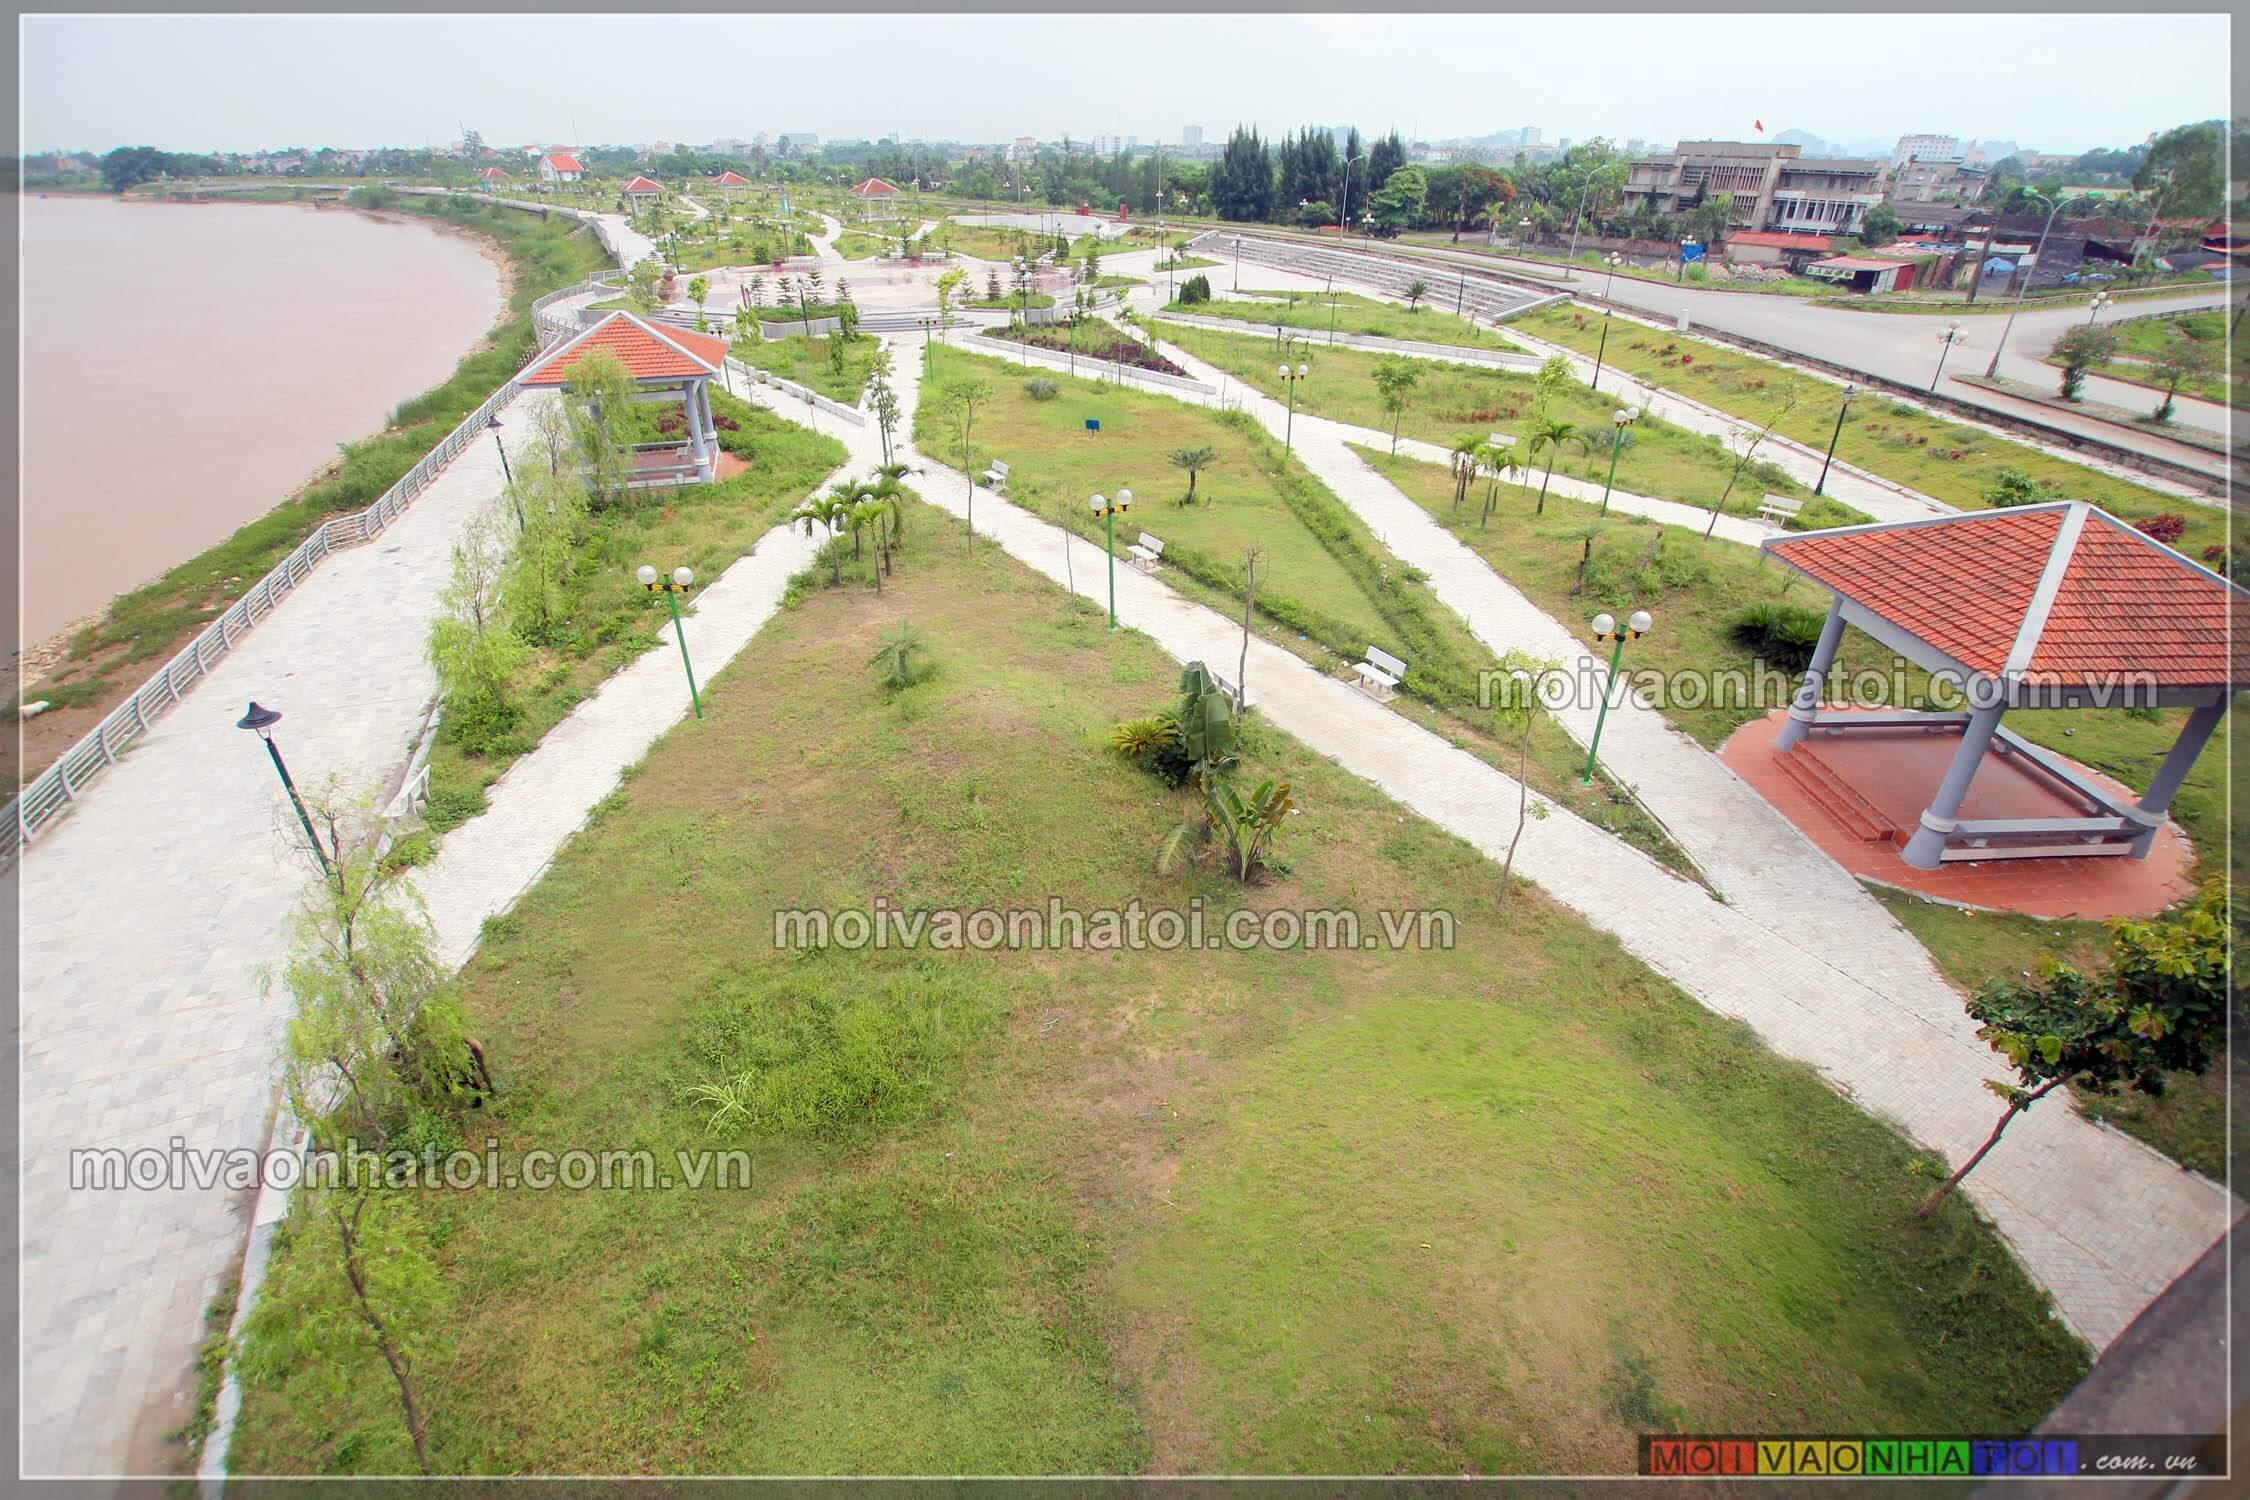 THANH HAM DRAGON PARK公园设计